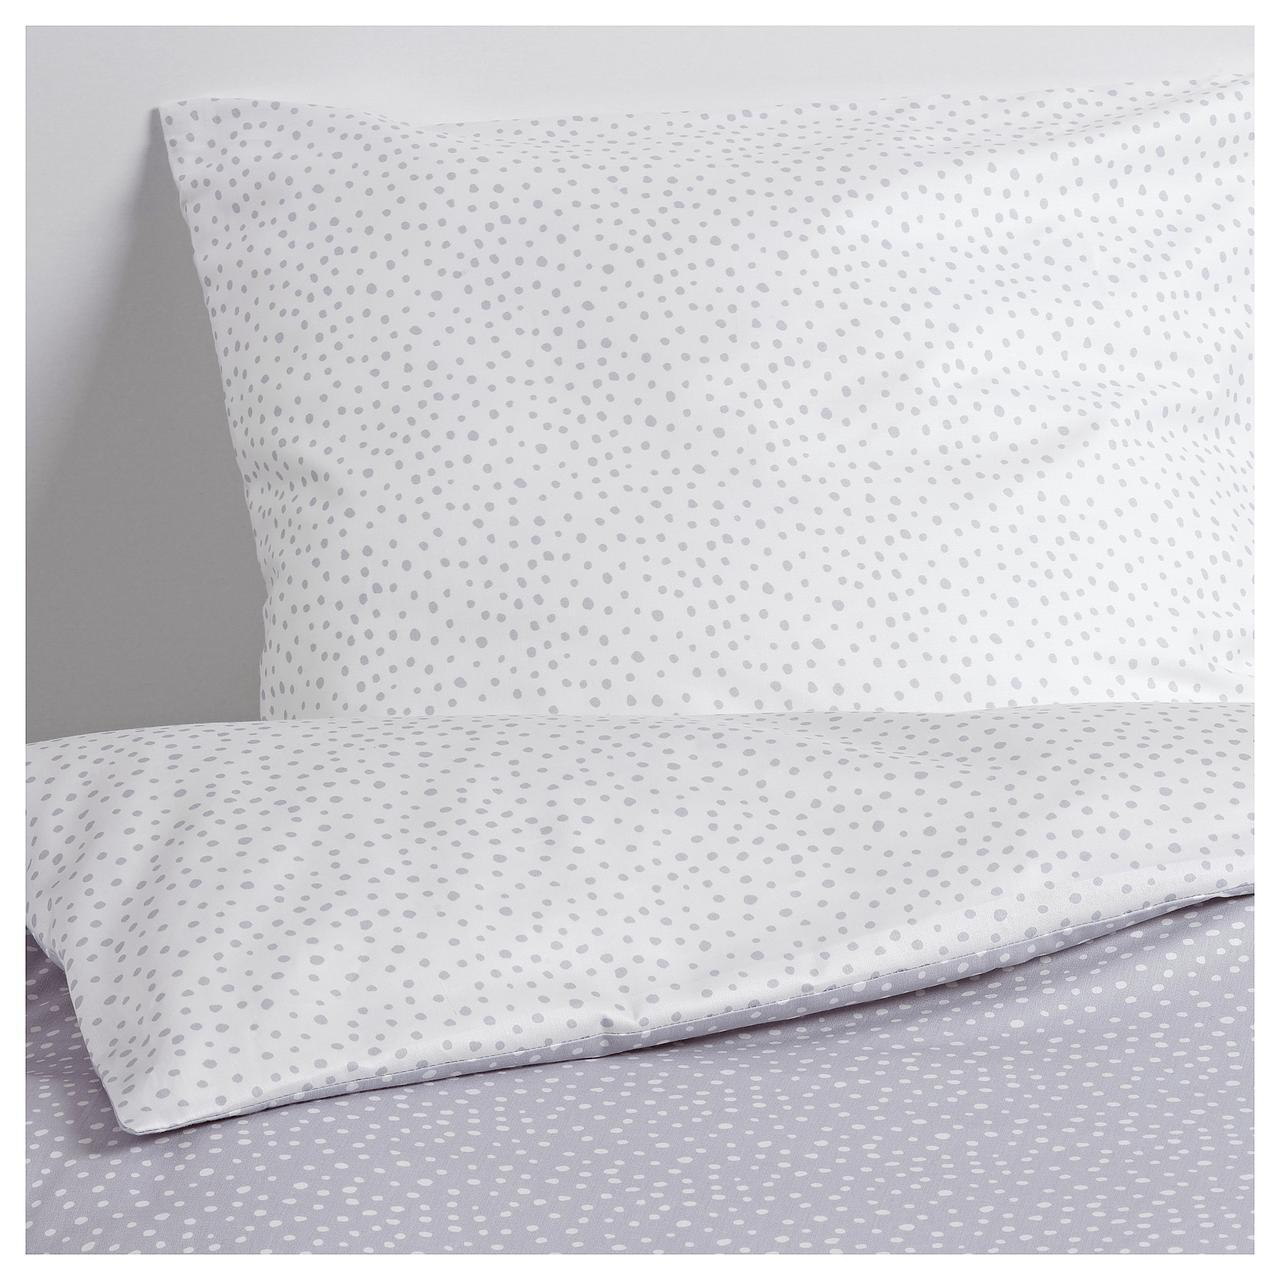 Комплект постельного белья IKEA VENUSSKO 160х200 см серый белый 904.277.86